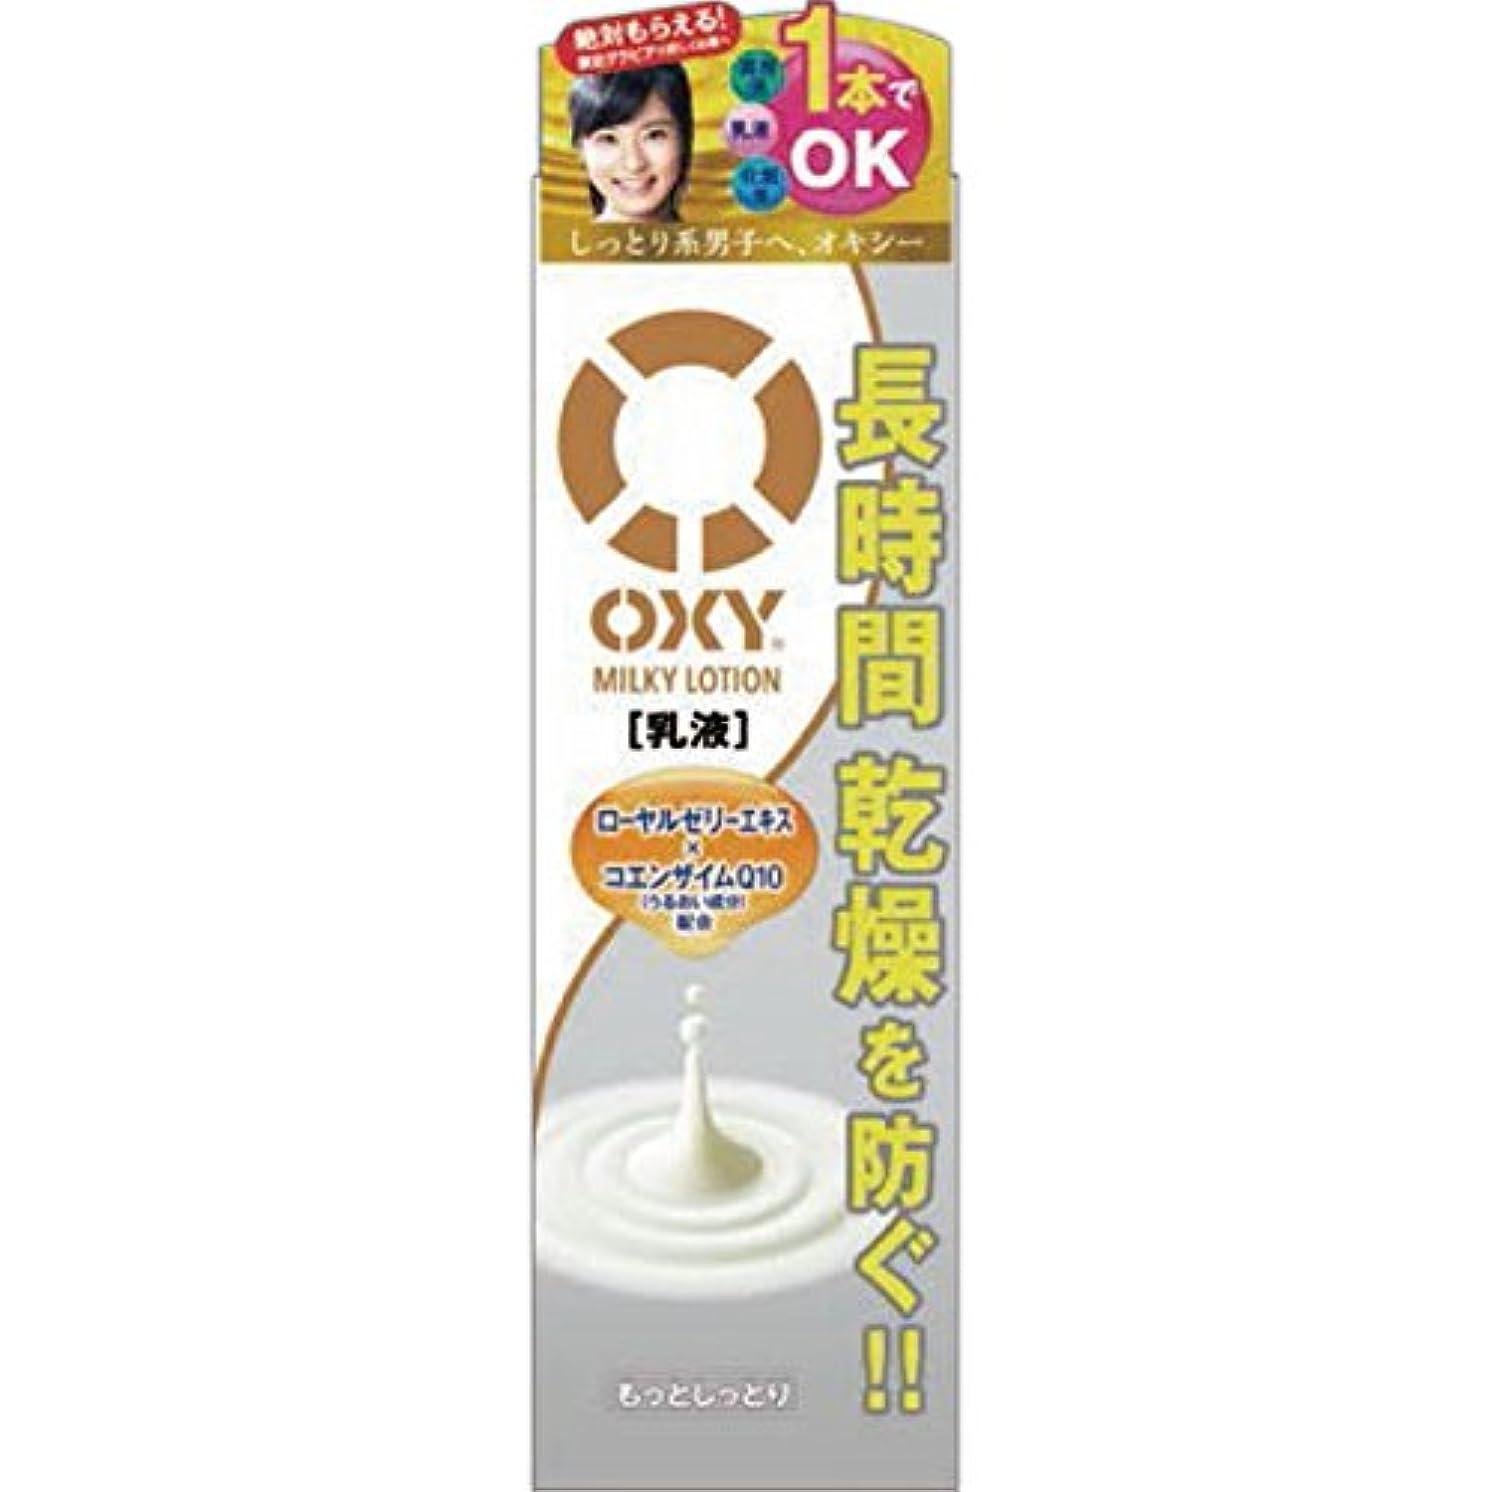 作成者スチール本体オキシー (Oxy) ミルキーローション オールインワン乳液 スーパーヒアルロン酸×ローヤルゼリー配合 ゼラニウムの香 170mL